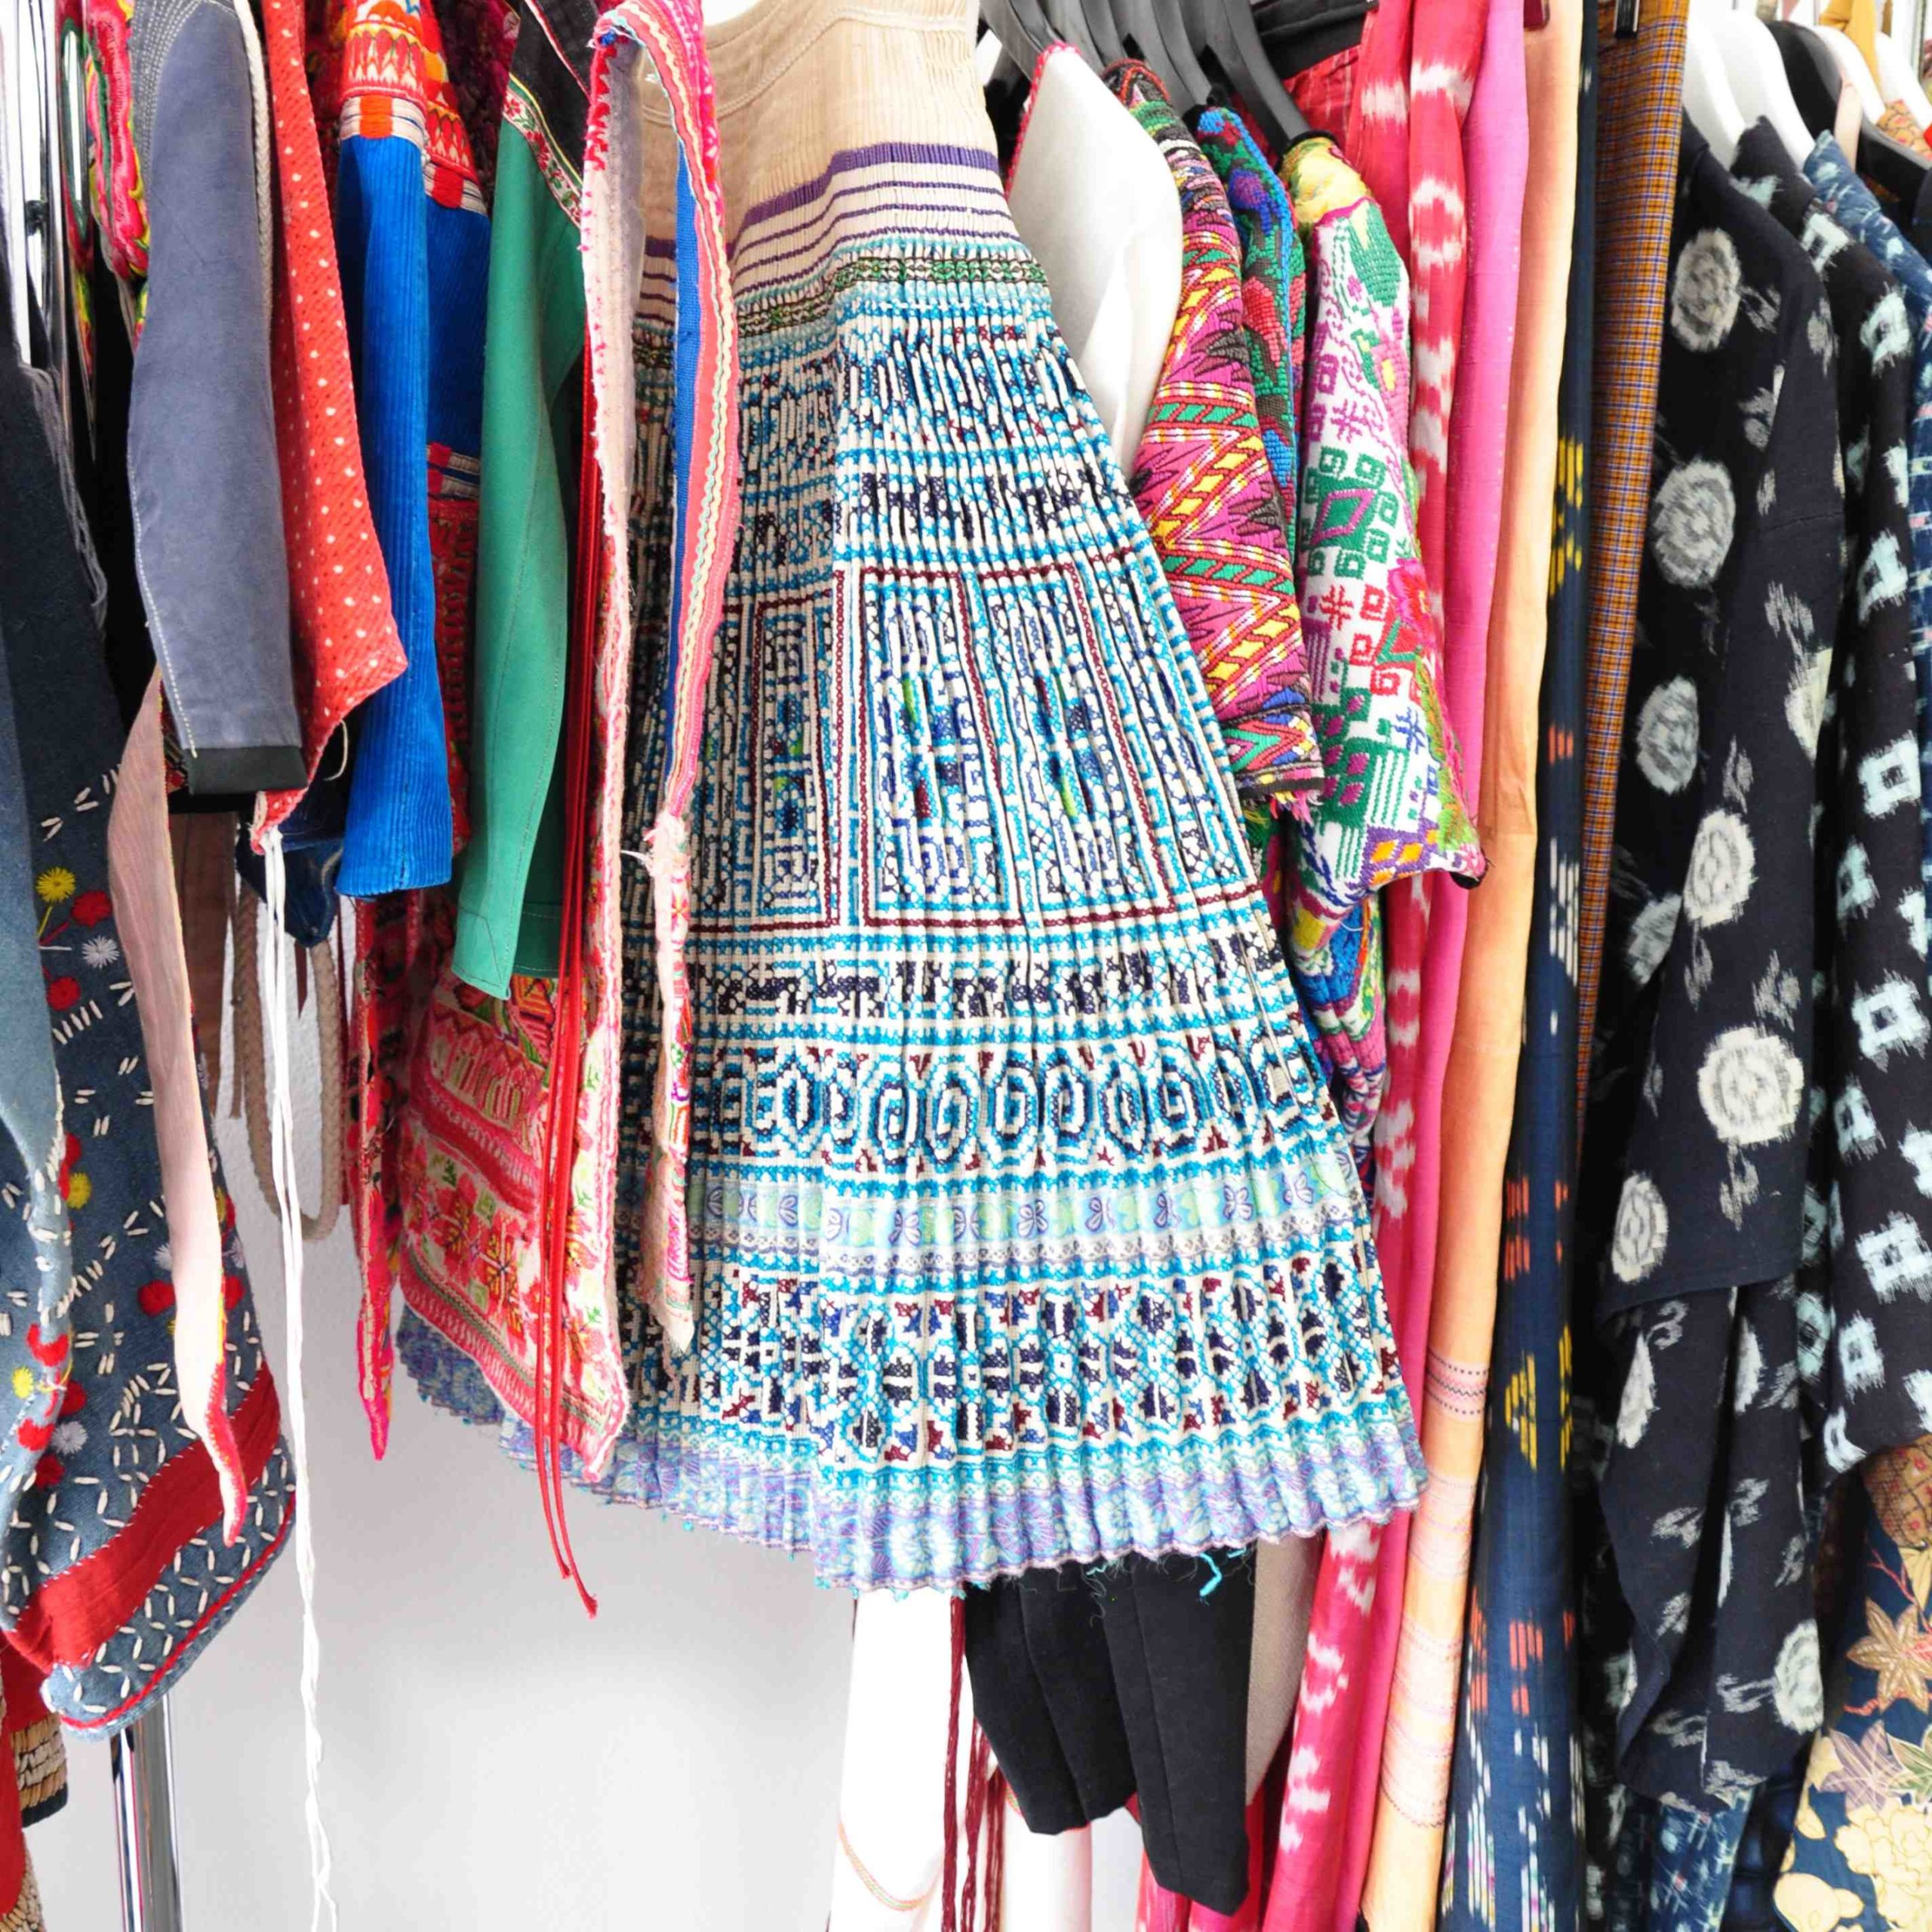 International-Wardrobe-Berlin-Folkloristische-Kleidung